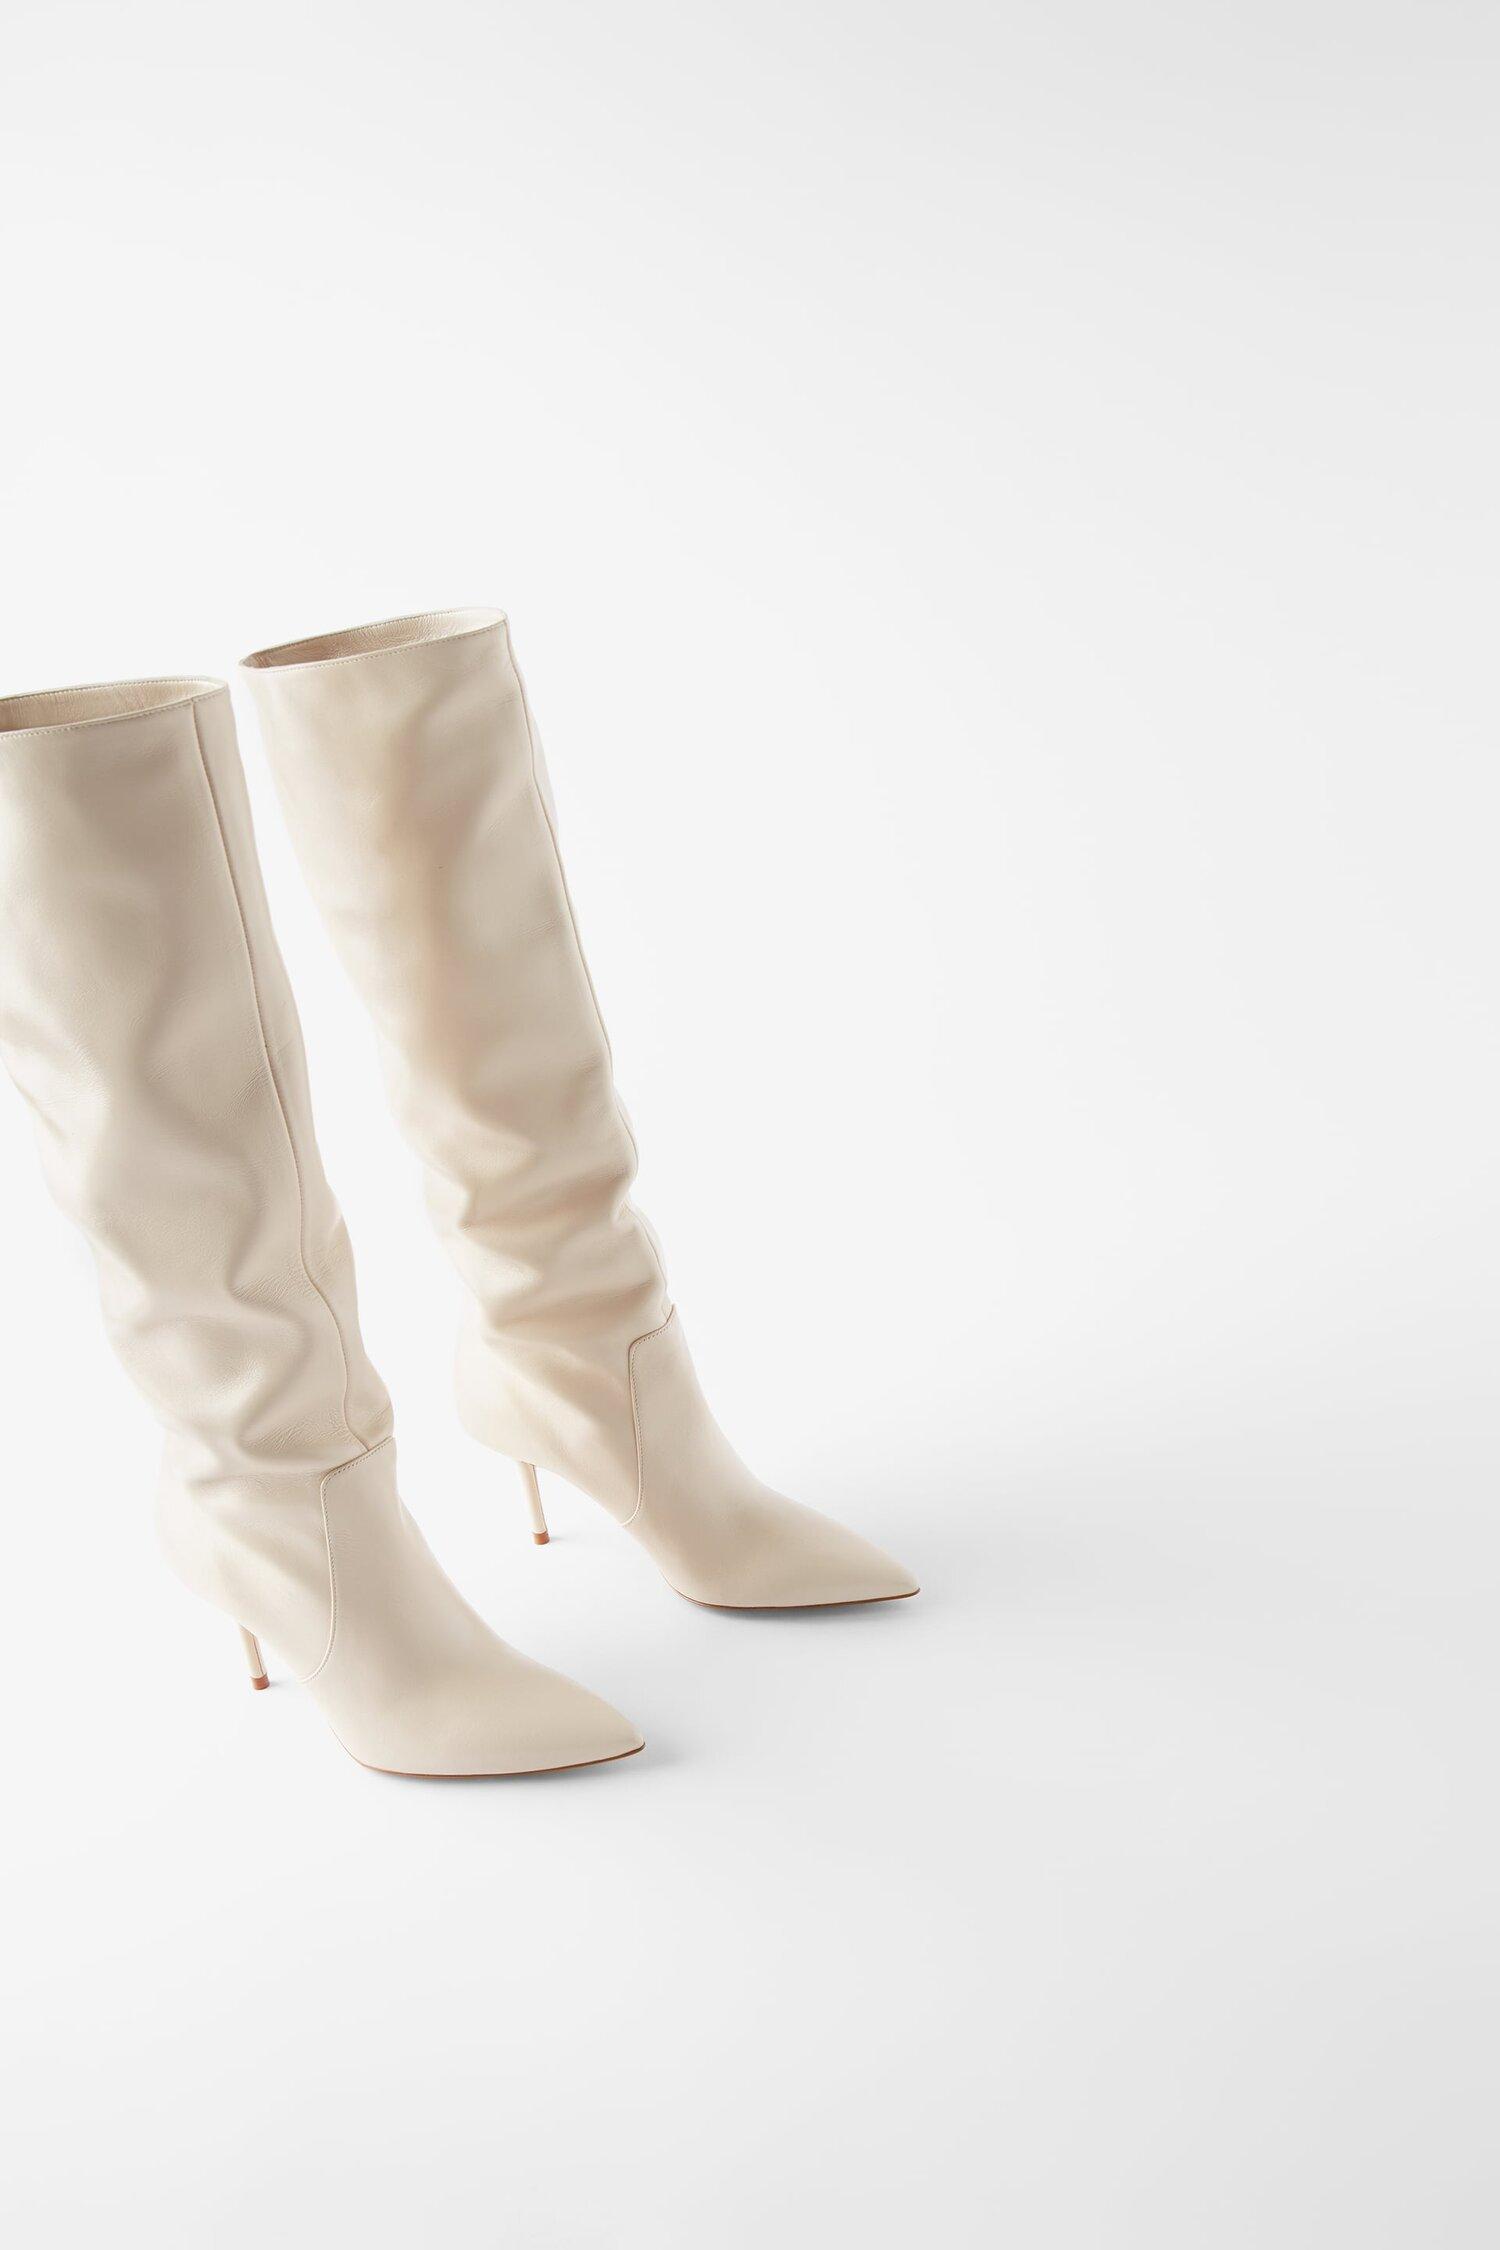 Zara Mid Heel Boots